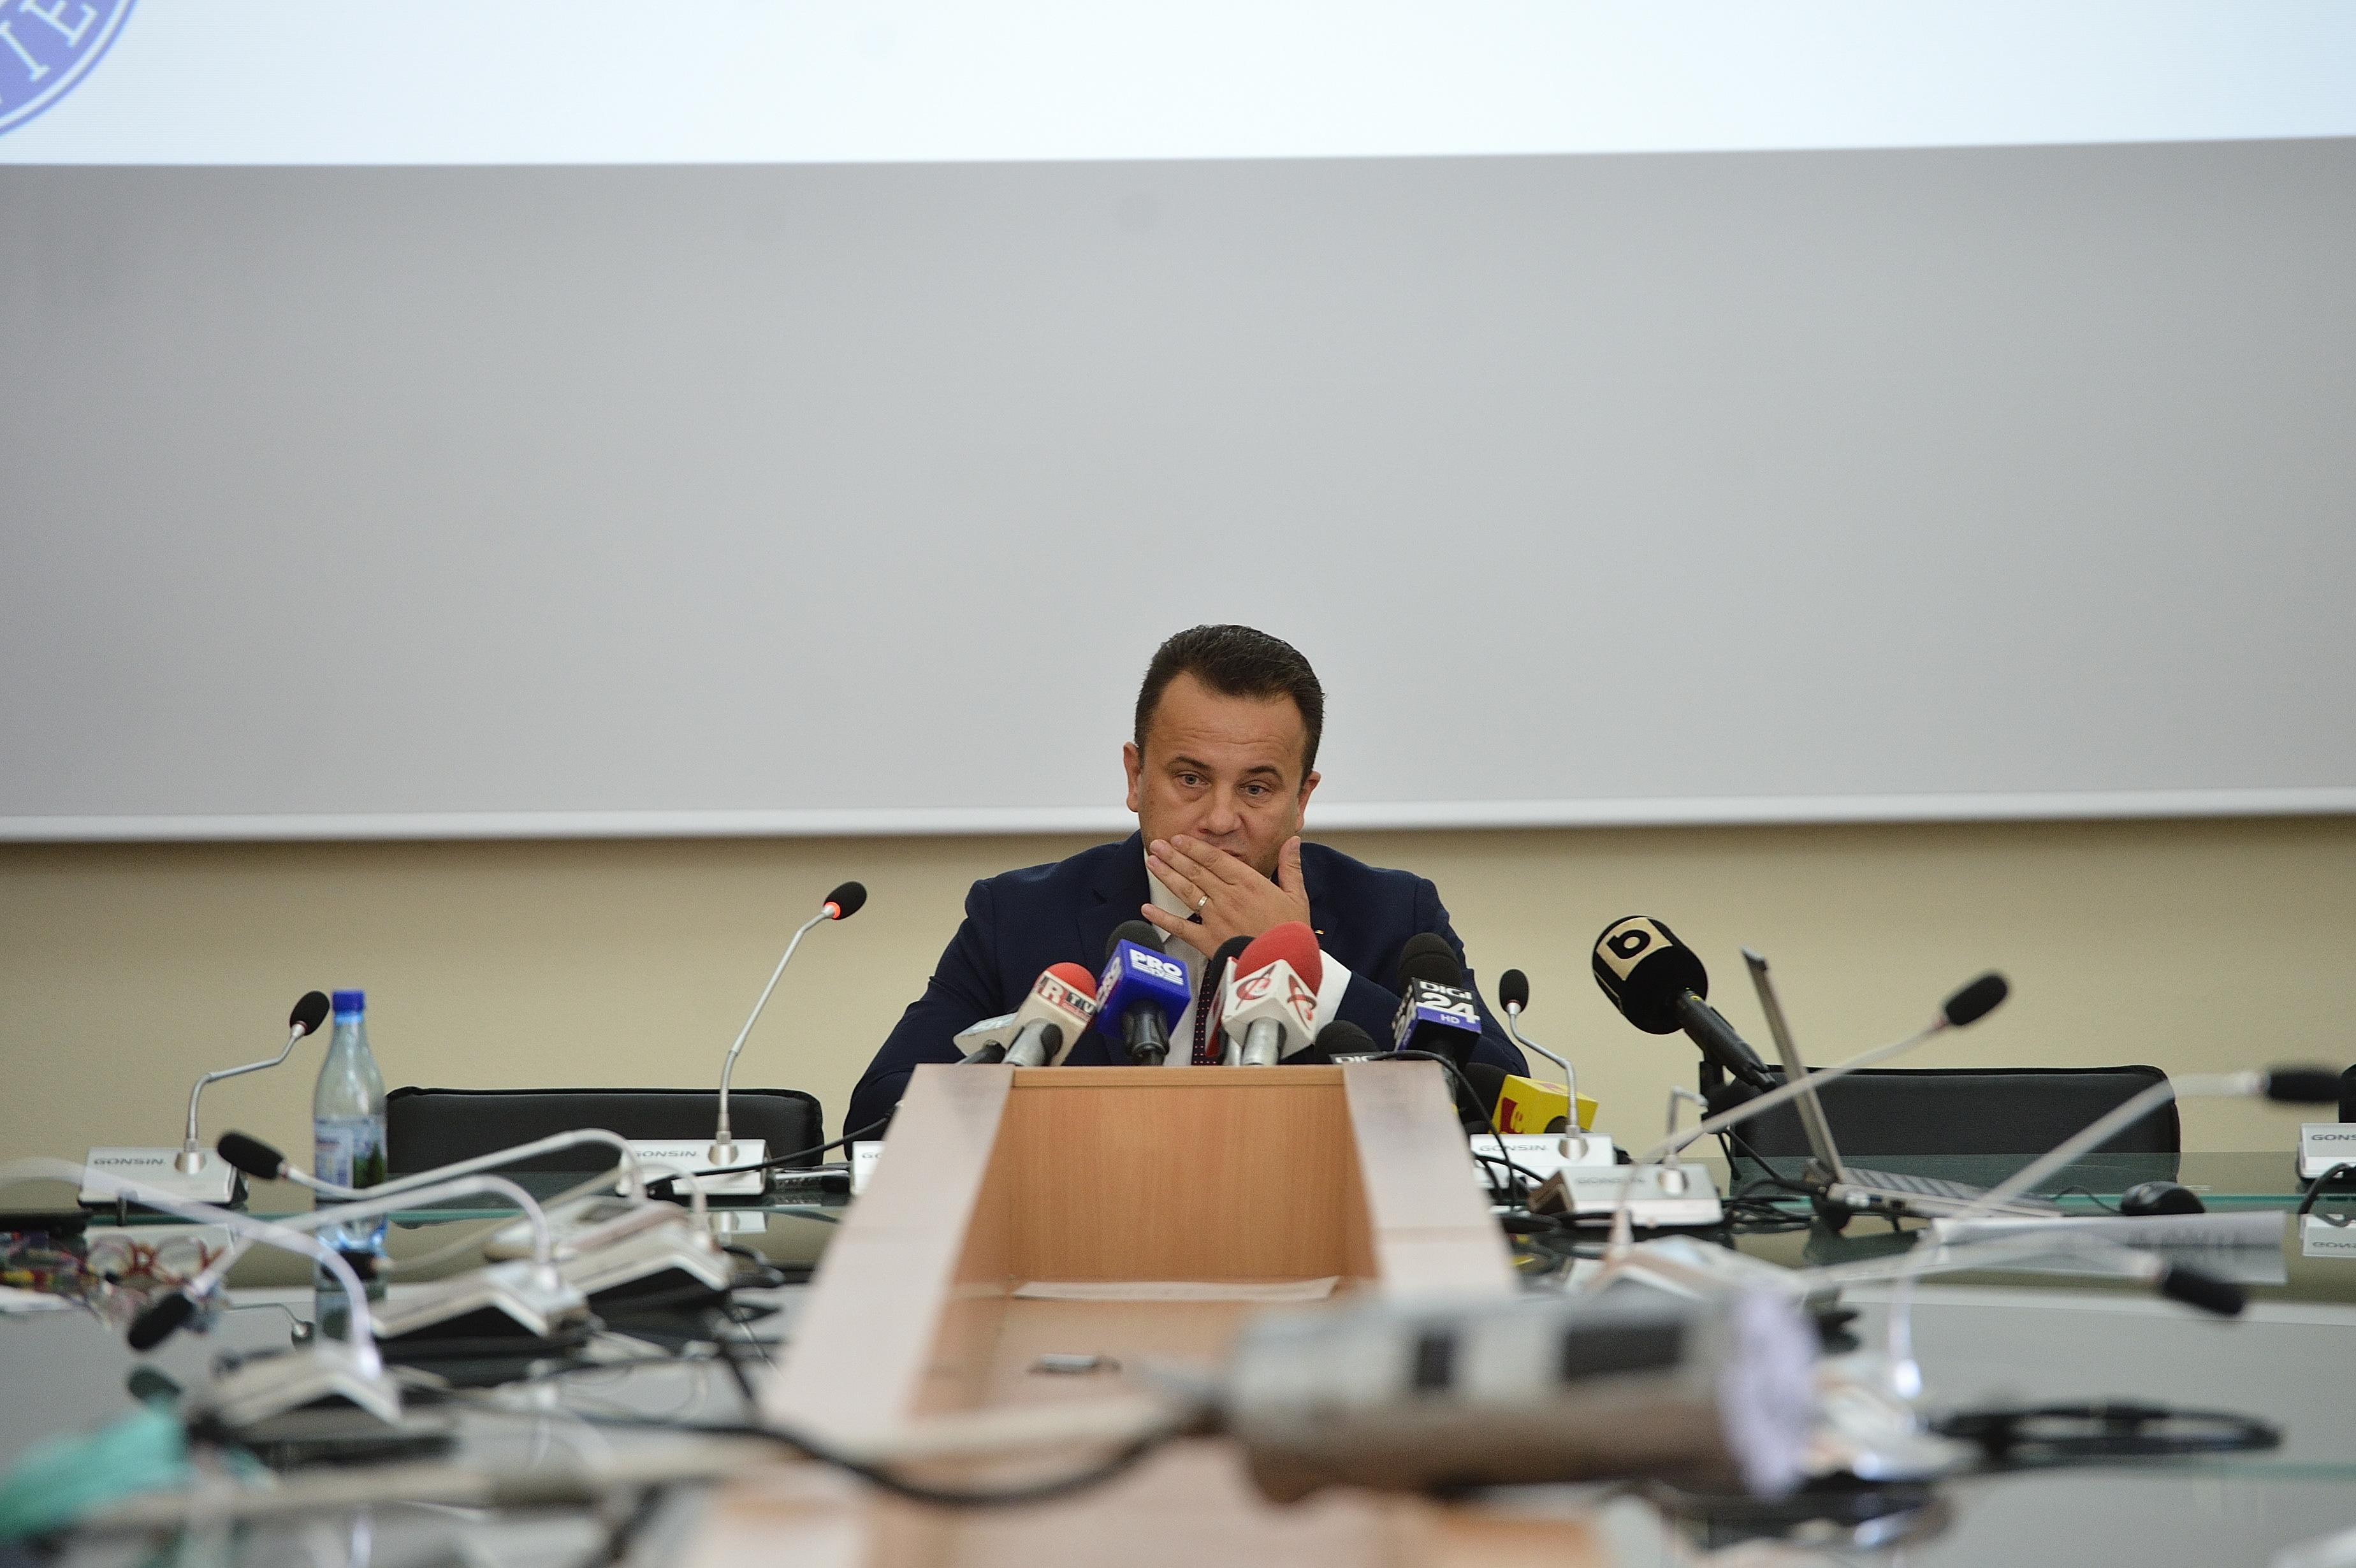 Ministrul Liviu Pop: Săptămâna viitoare vom aloca încă 145 de milioane de lei pentru plata hotărârilor judecătoreşti